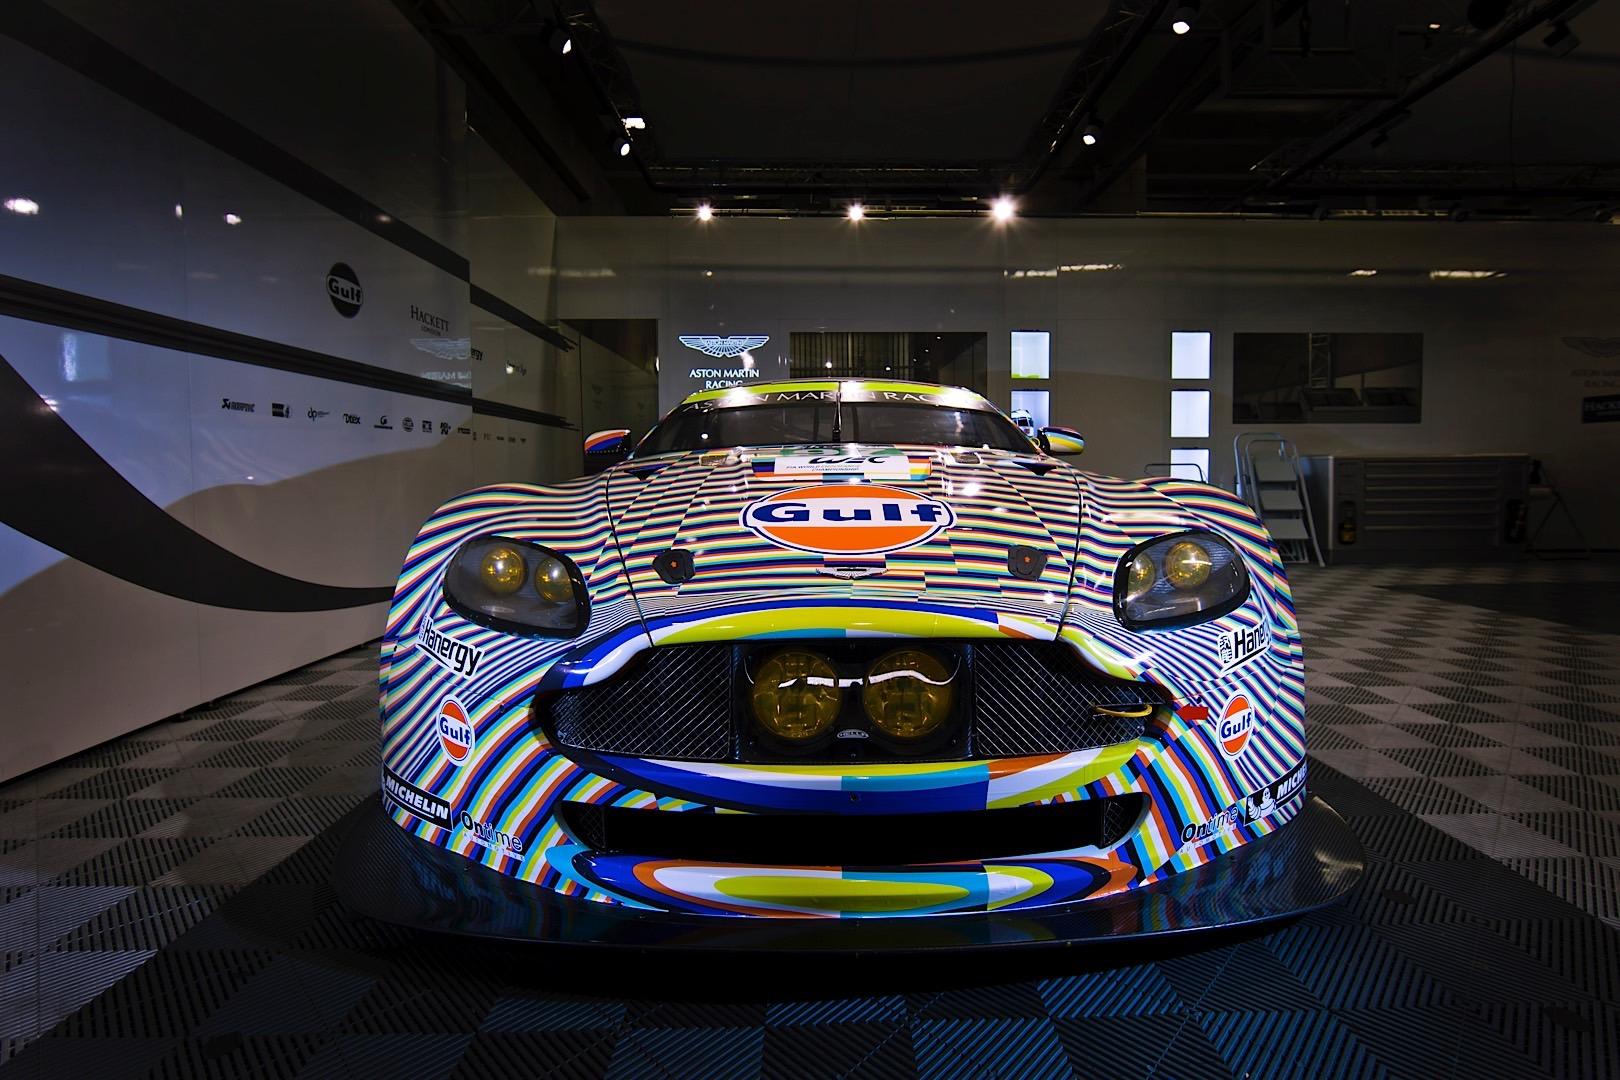 Artist Creates Le Mans Vantage Gte Art Car It Makes Us Dizzy Autoevolution